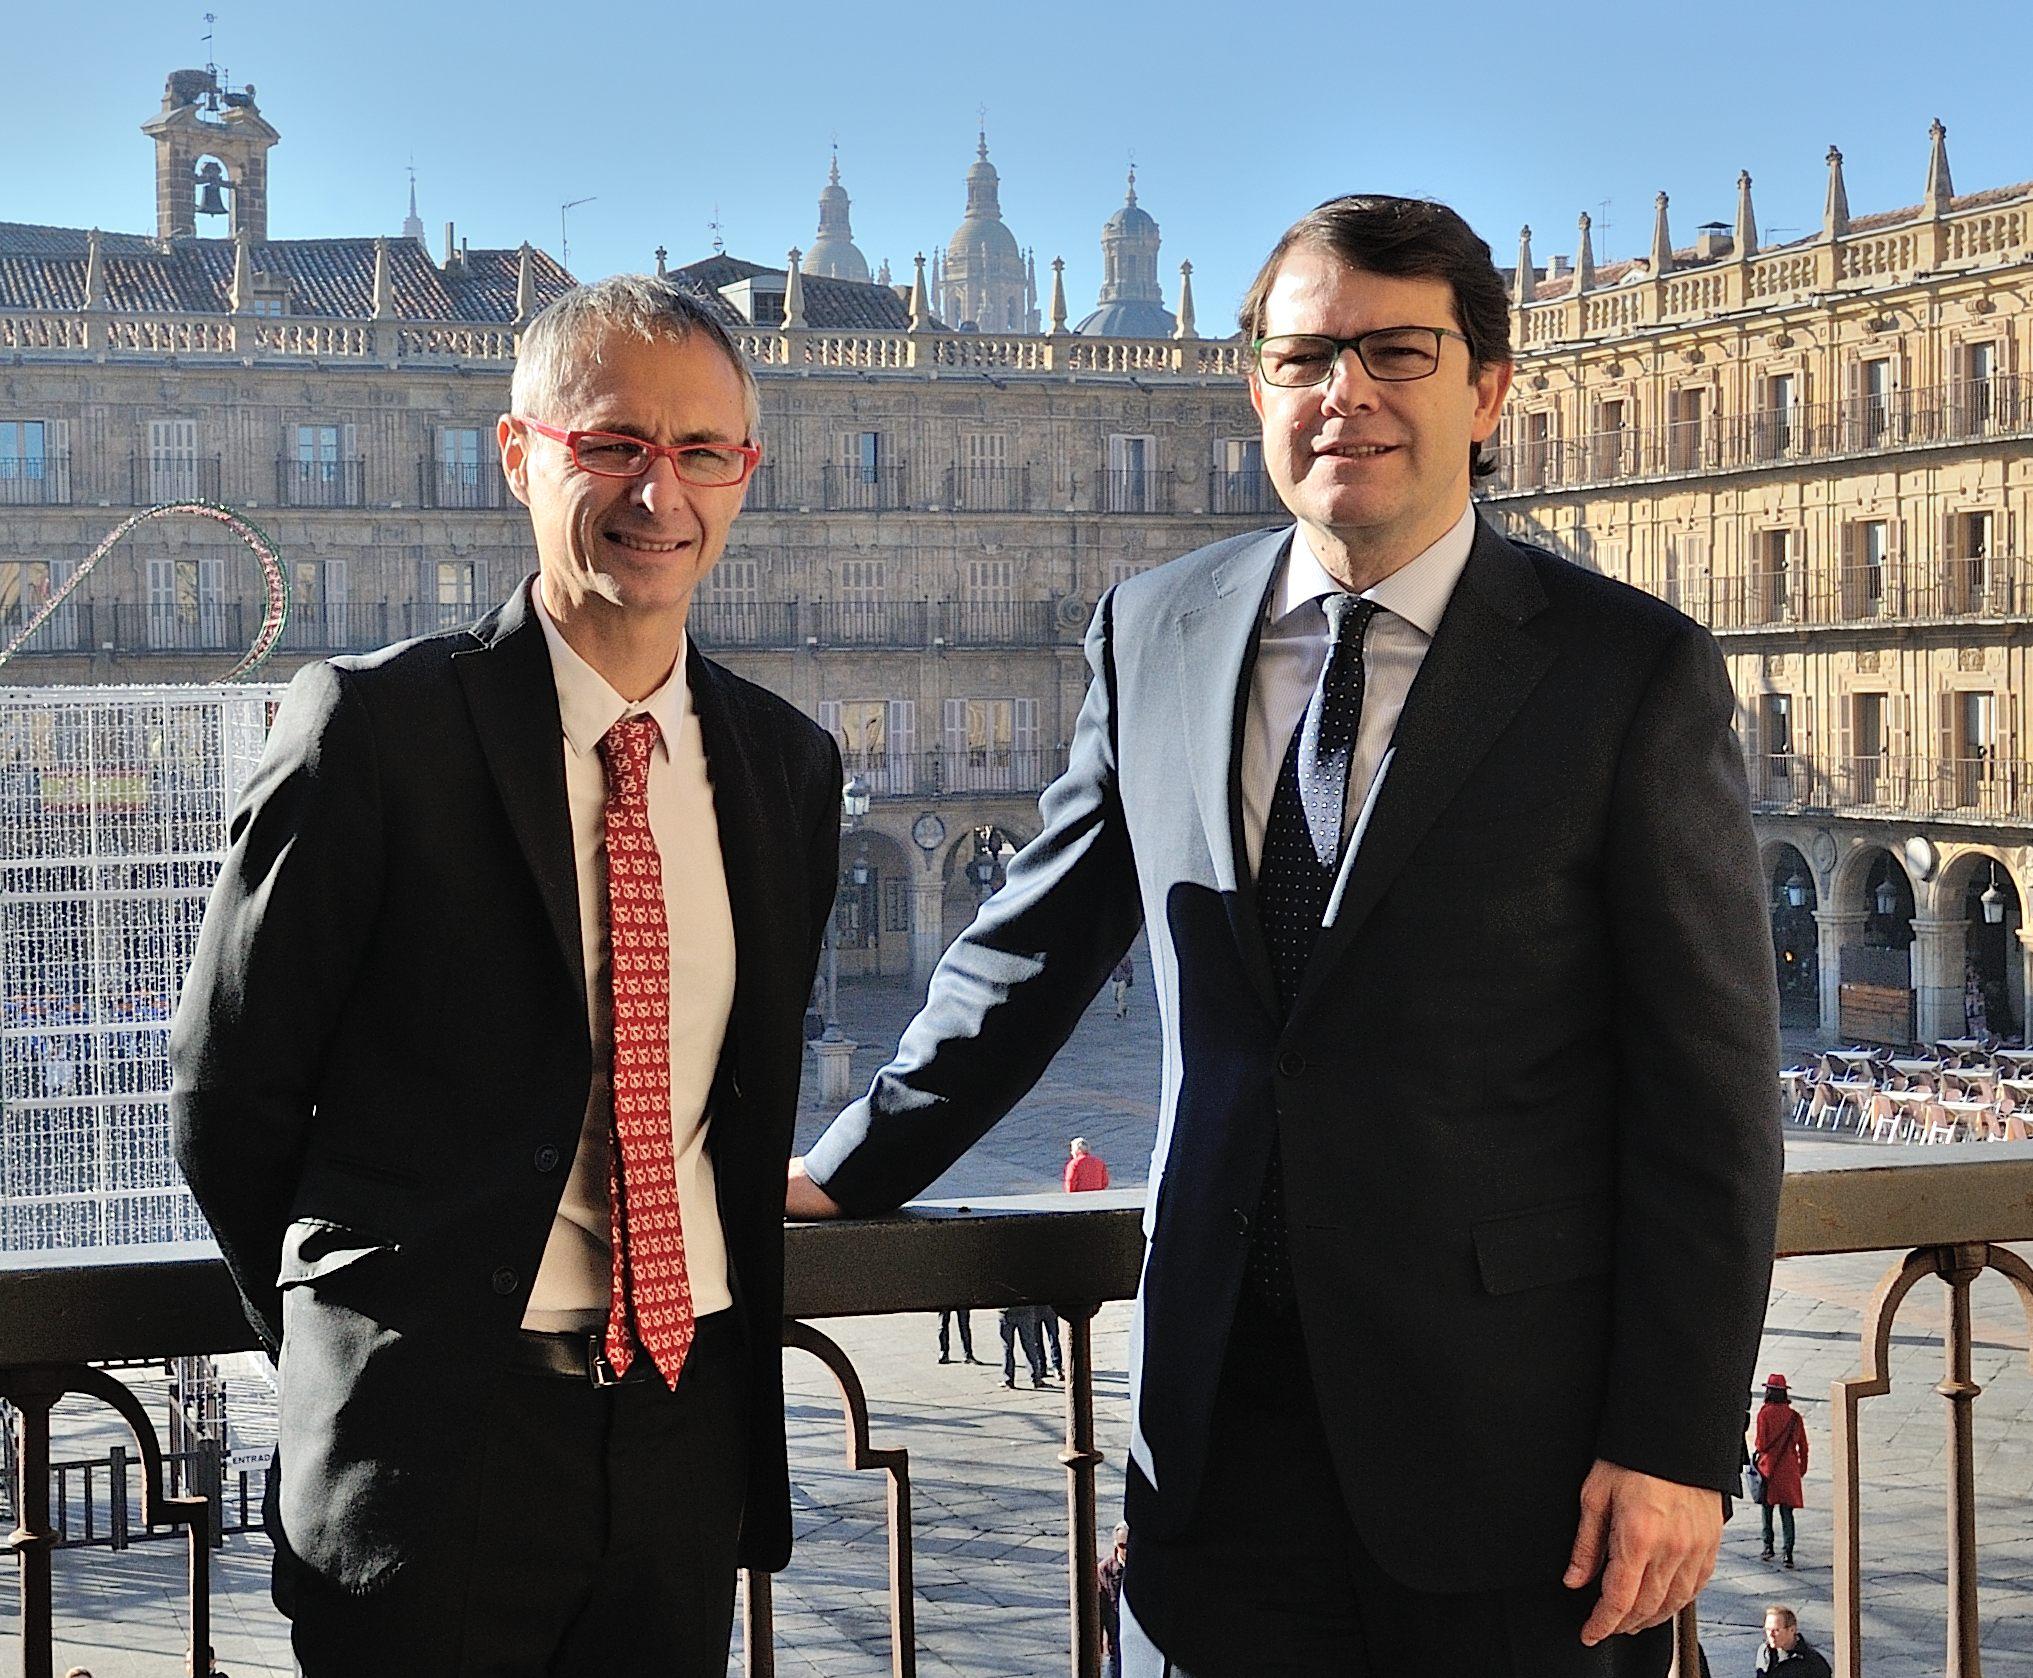 El Ayuntamiento y la Universidad de Salamanca acuerdan impulsar su colaboración en varias materias